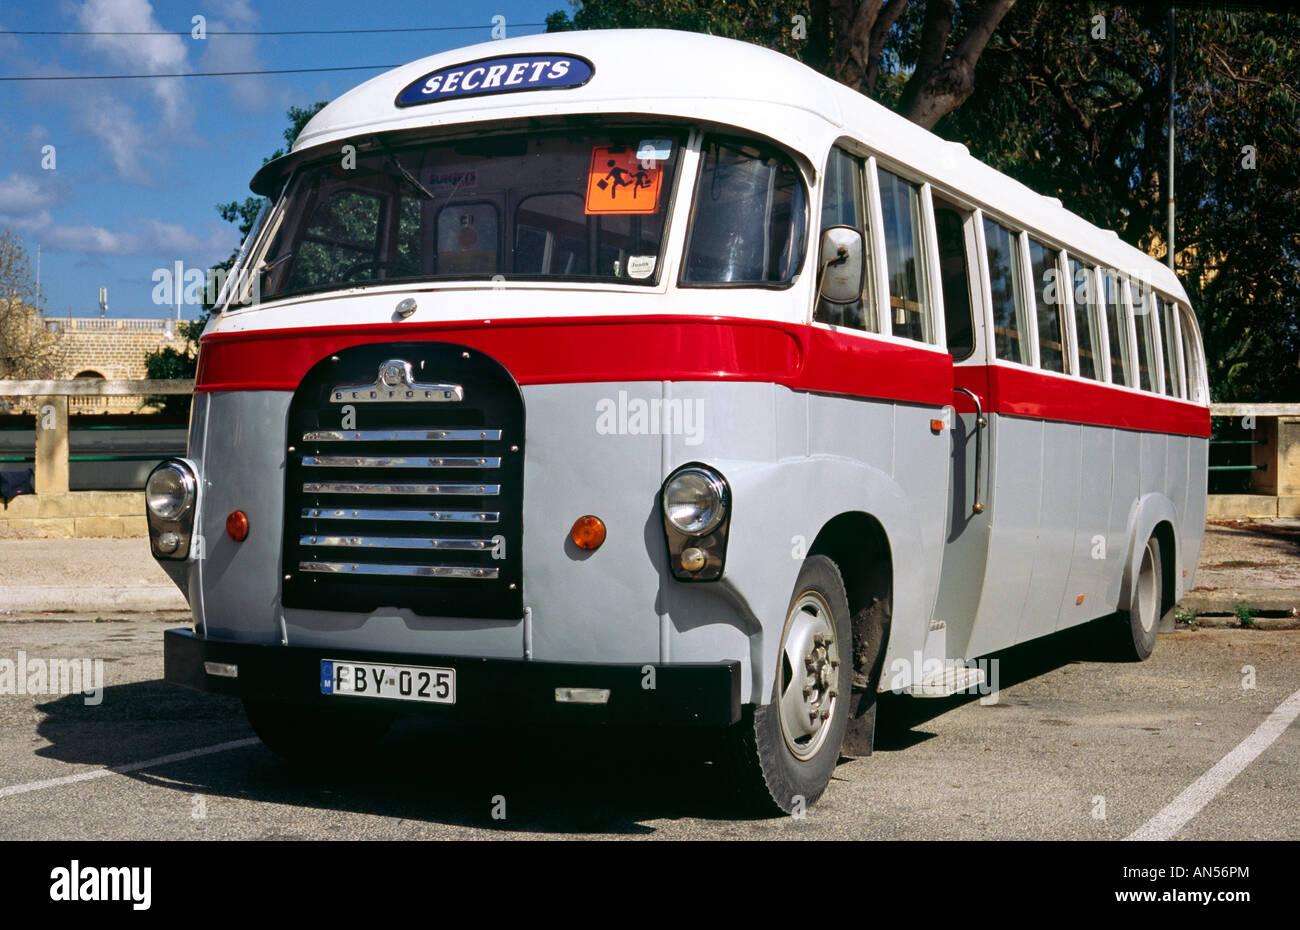 Ott 9, 2007 - Old Bedford school bus presso il terminal degli autobus di Victoria sull'isola Maltese di Gozo. Immagini Stock